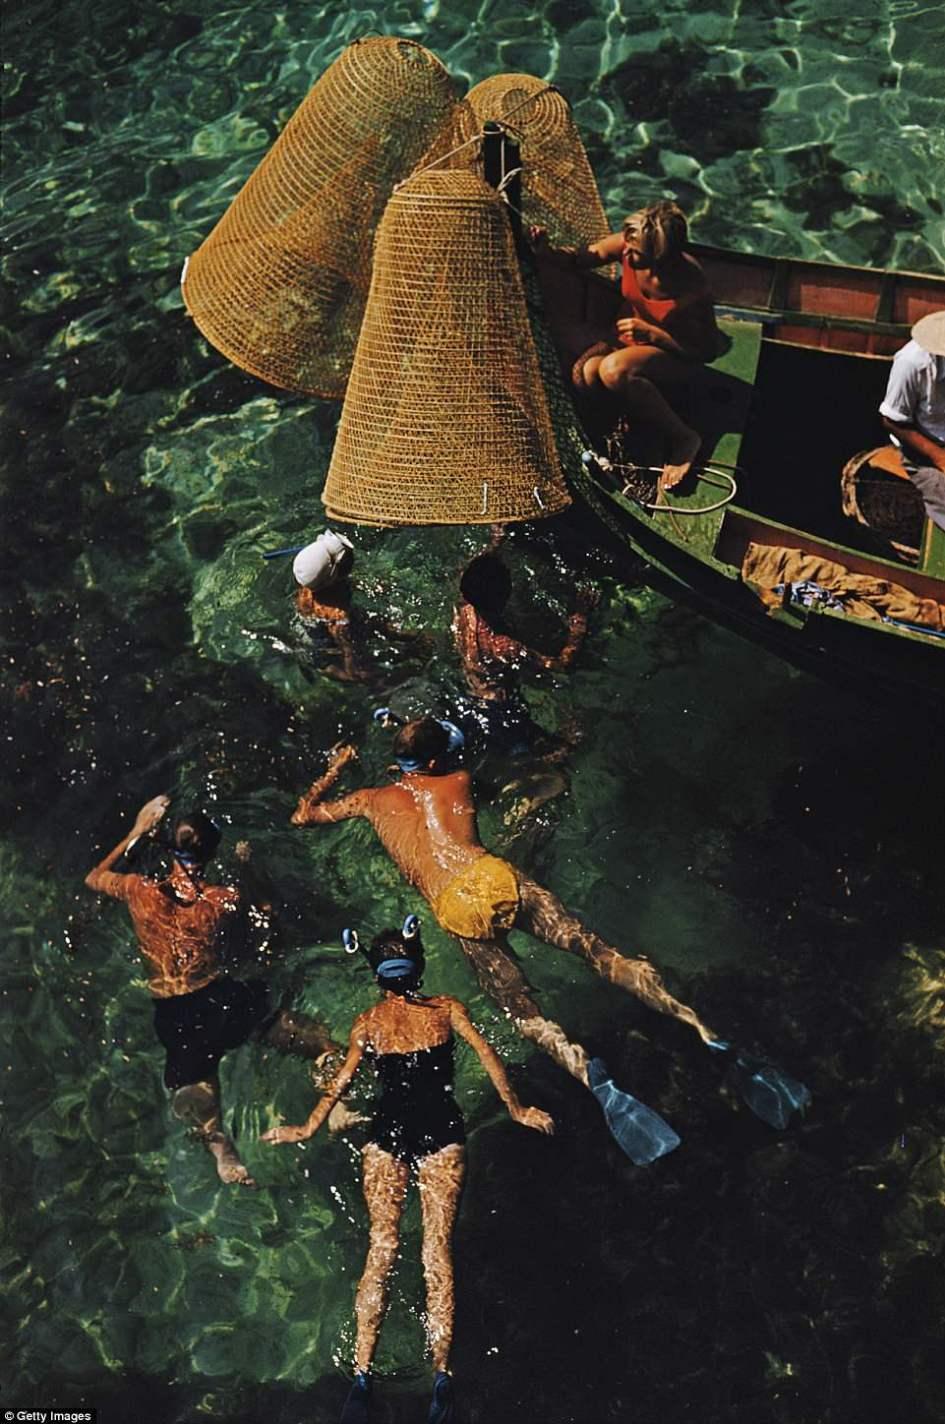 Slim Aarons, 'Diving In: Snorkeling in Malta' (Slim Aarons Estate Edition)